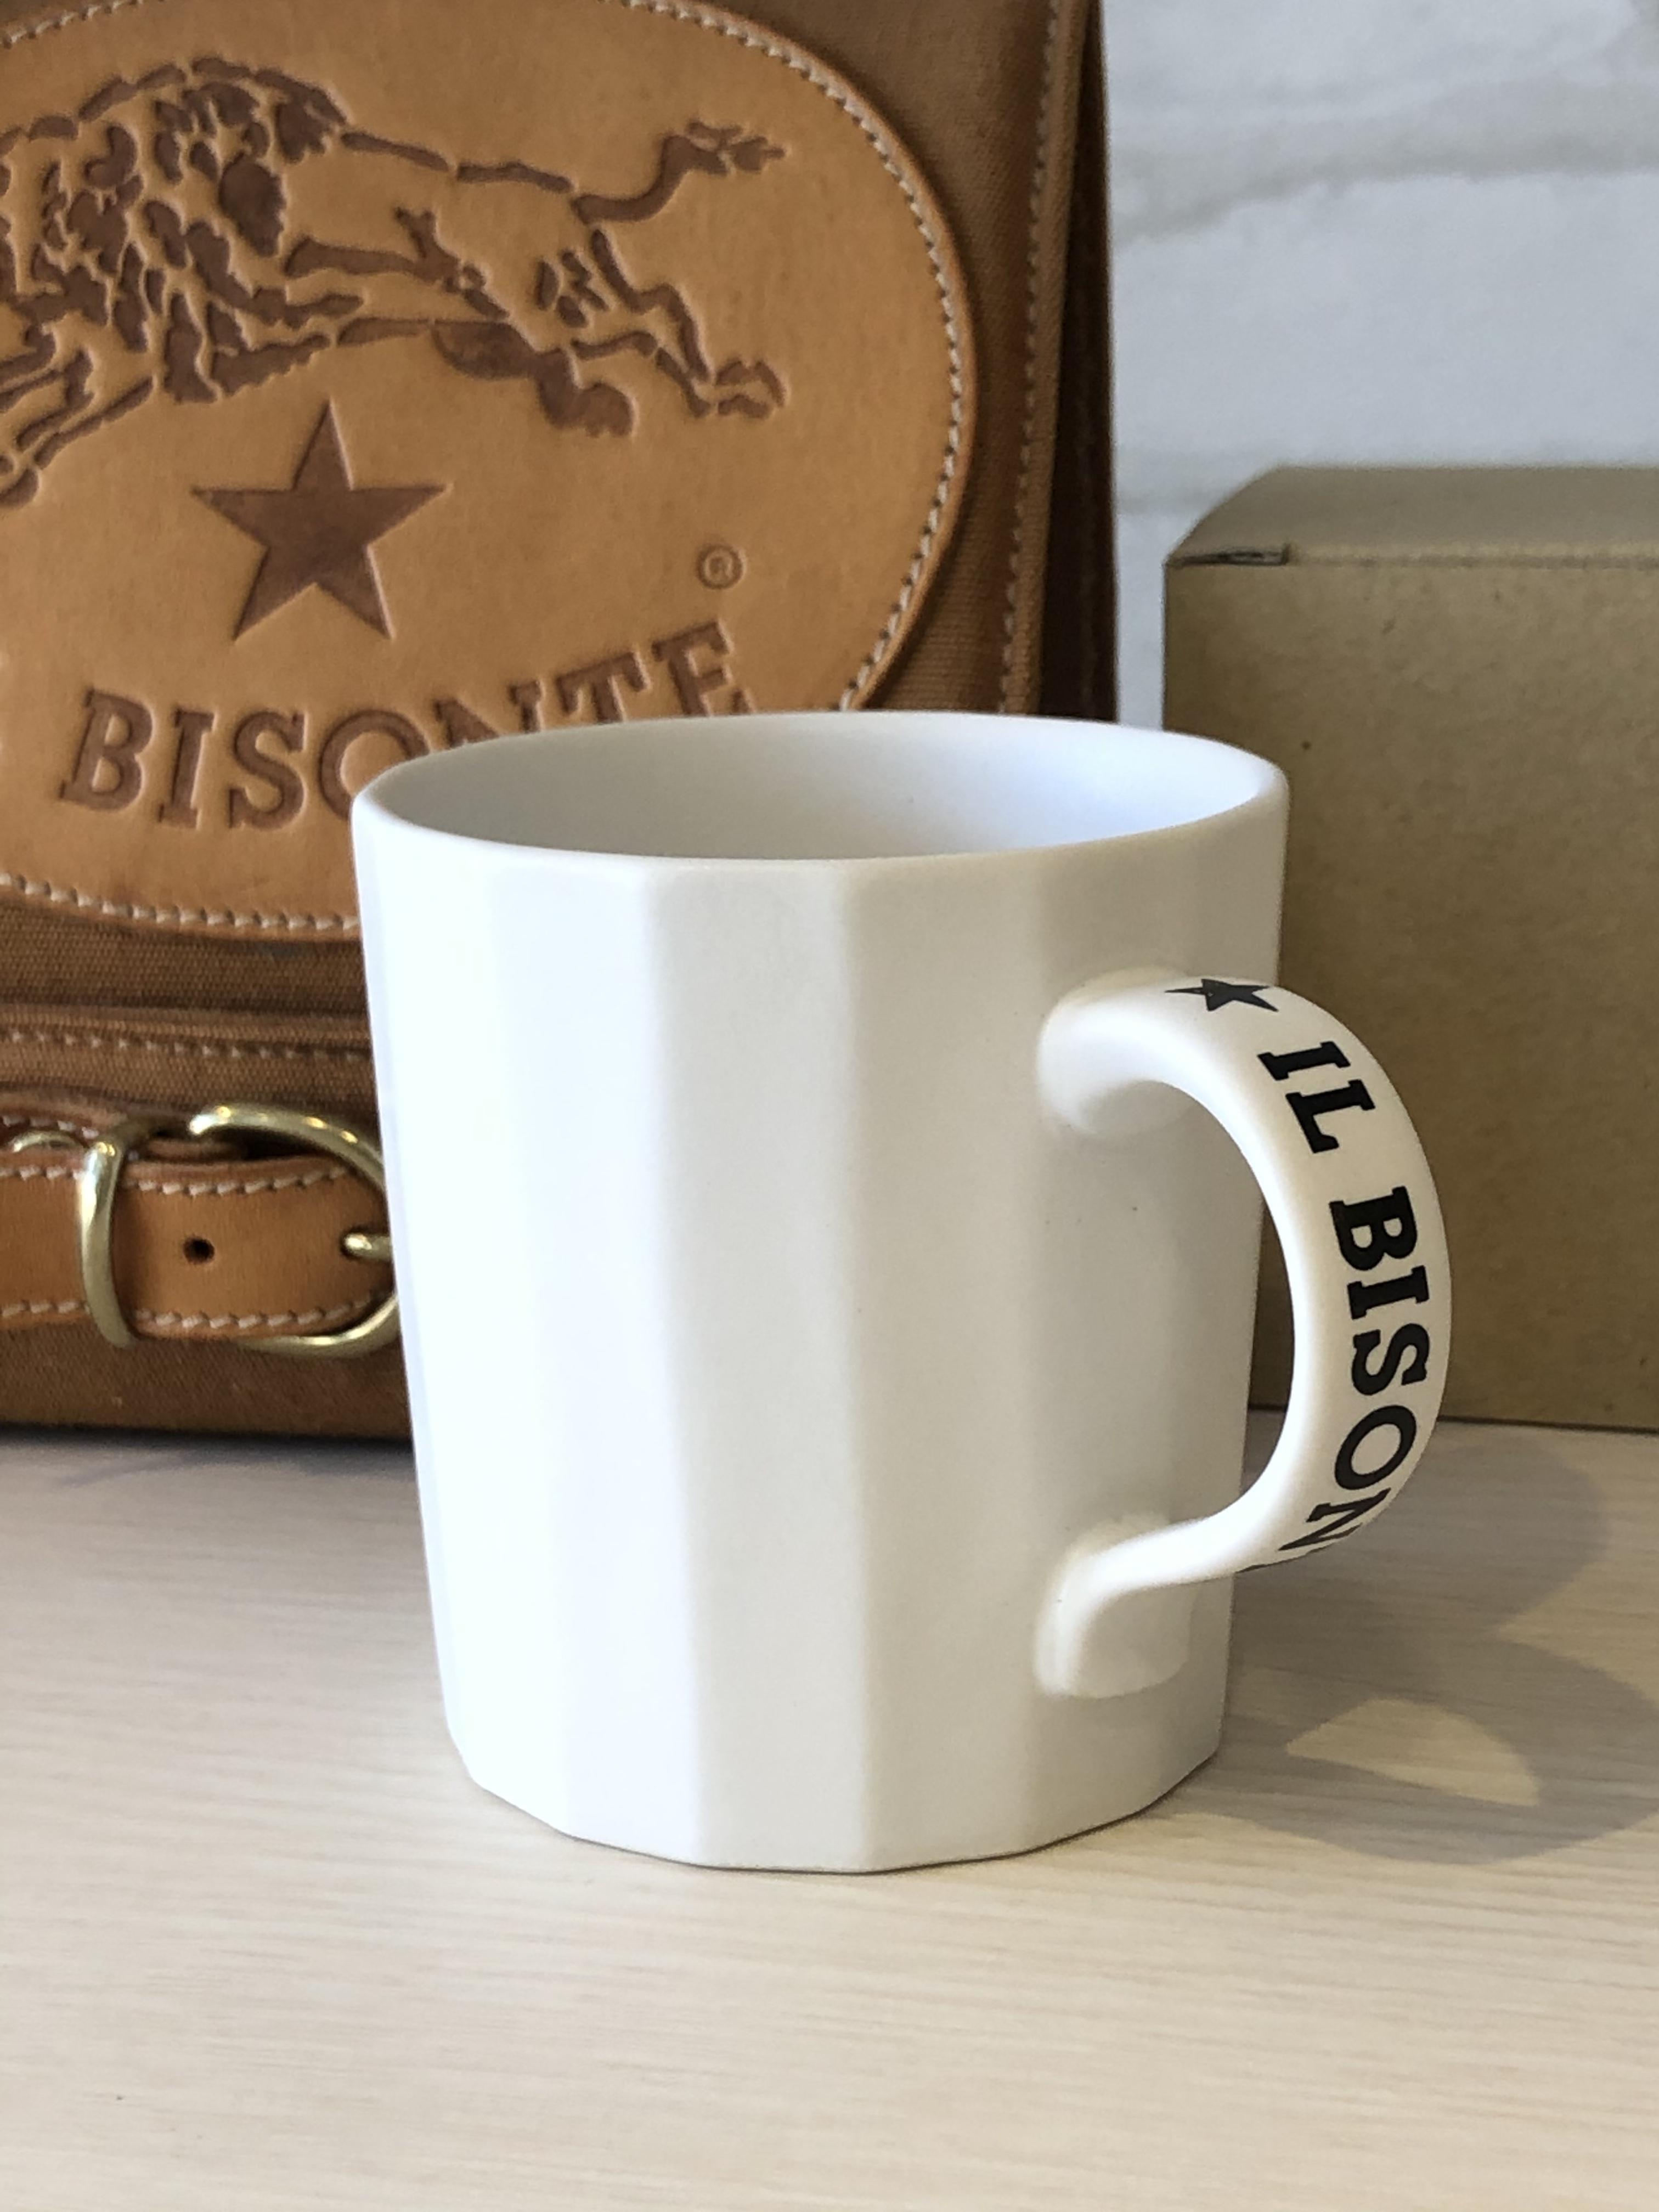 IL BISONTE(イルビゾンテ)/4198/マグカップ(ホワイト)